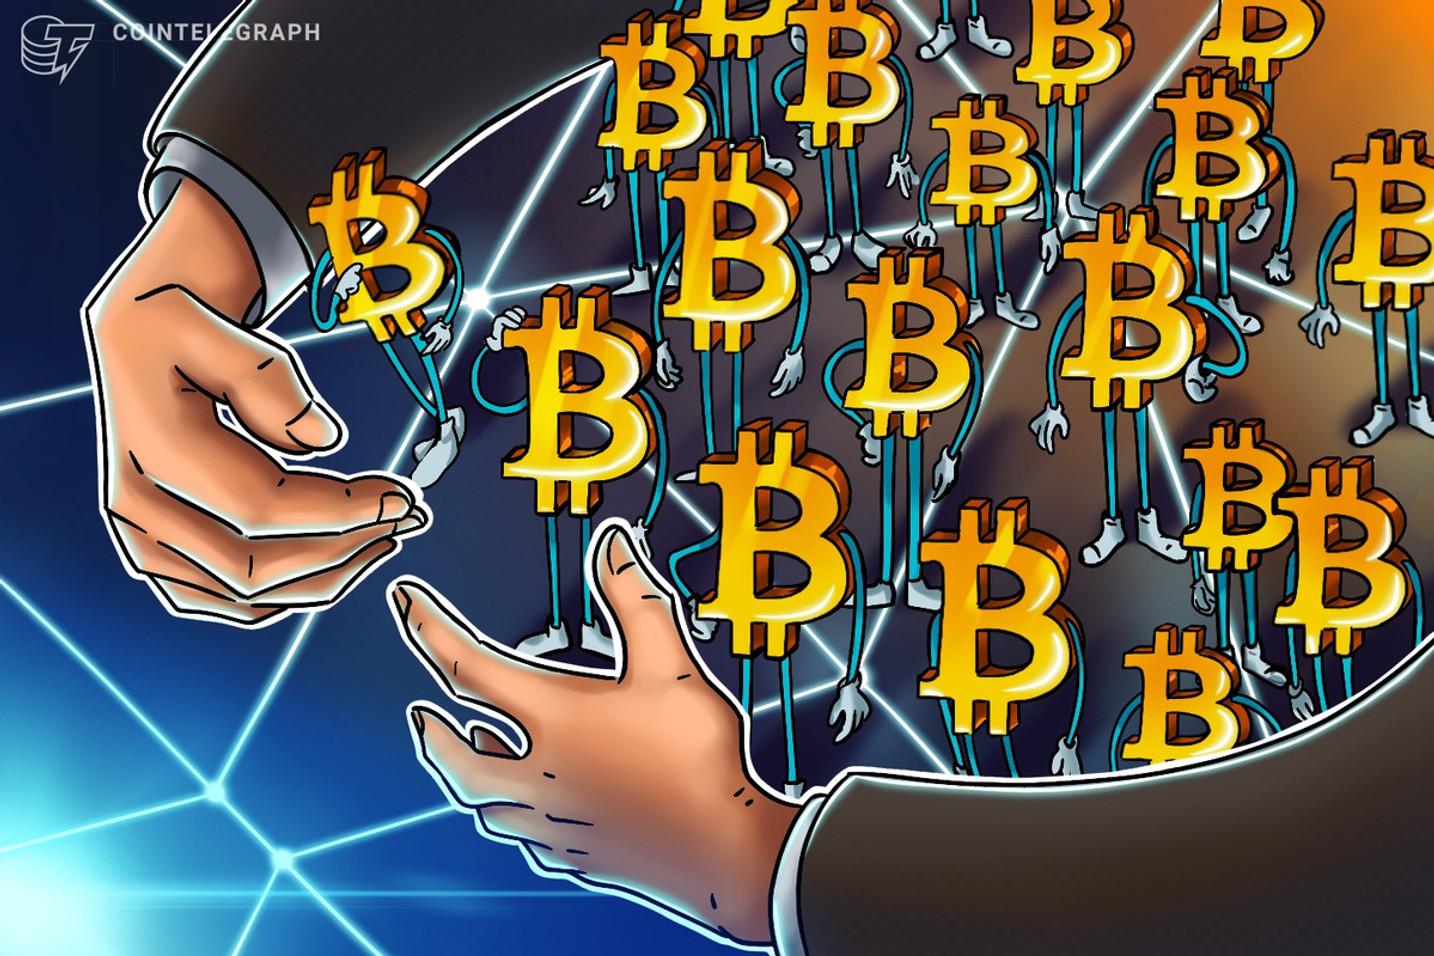 マイクロストラテジー、1000万ドル分のビットコインを追加購入